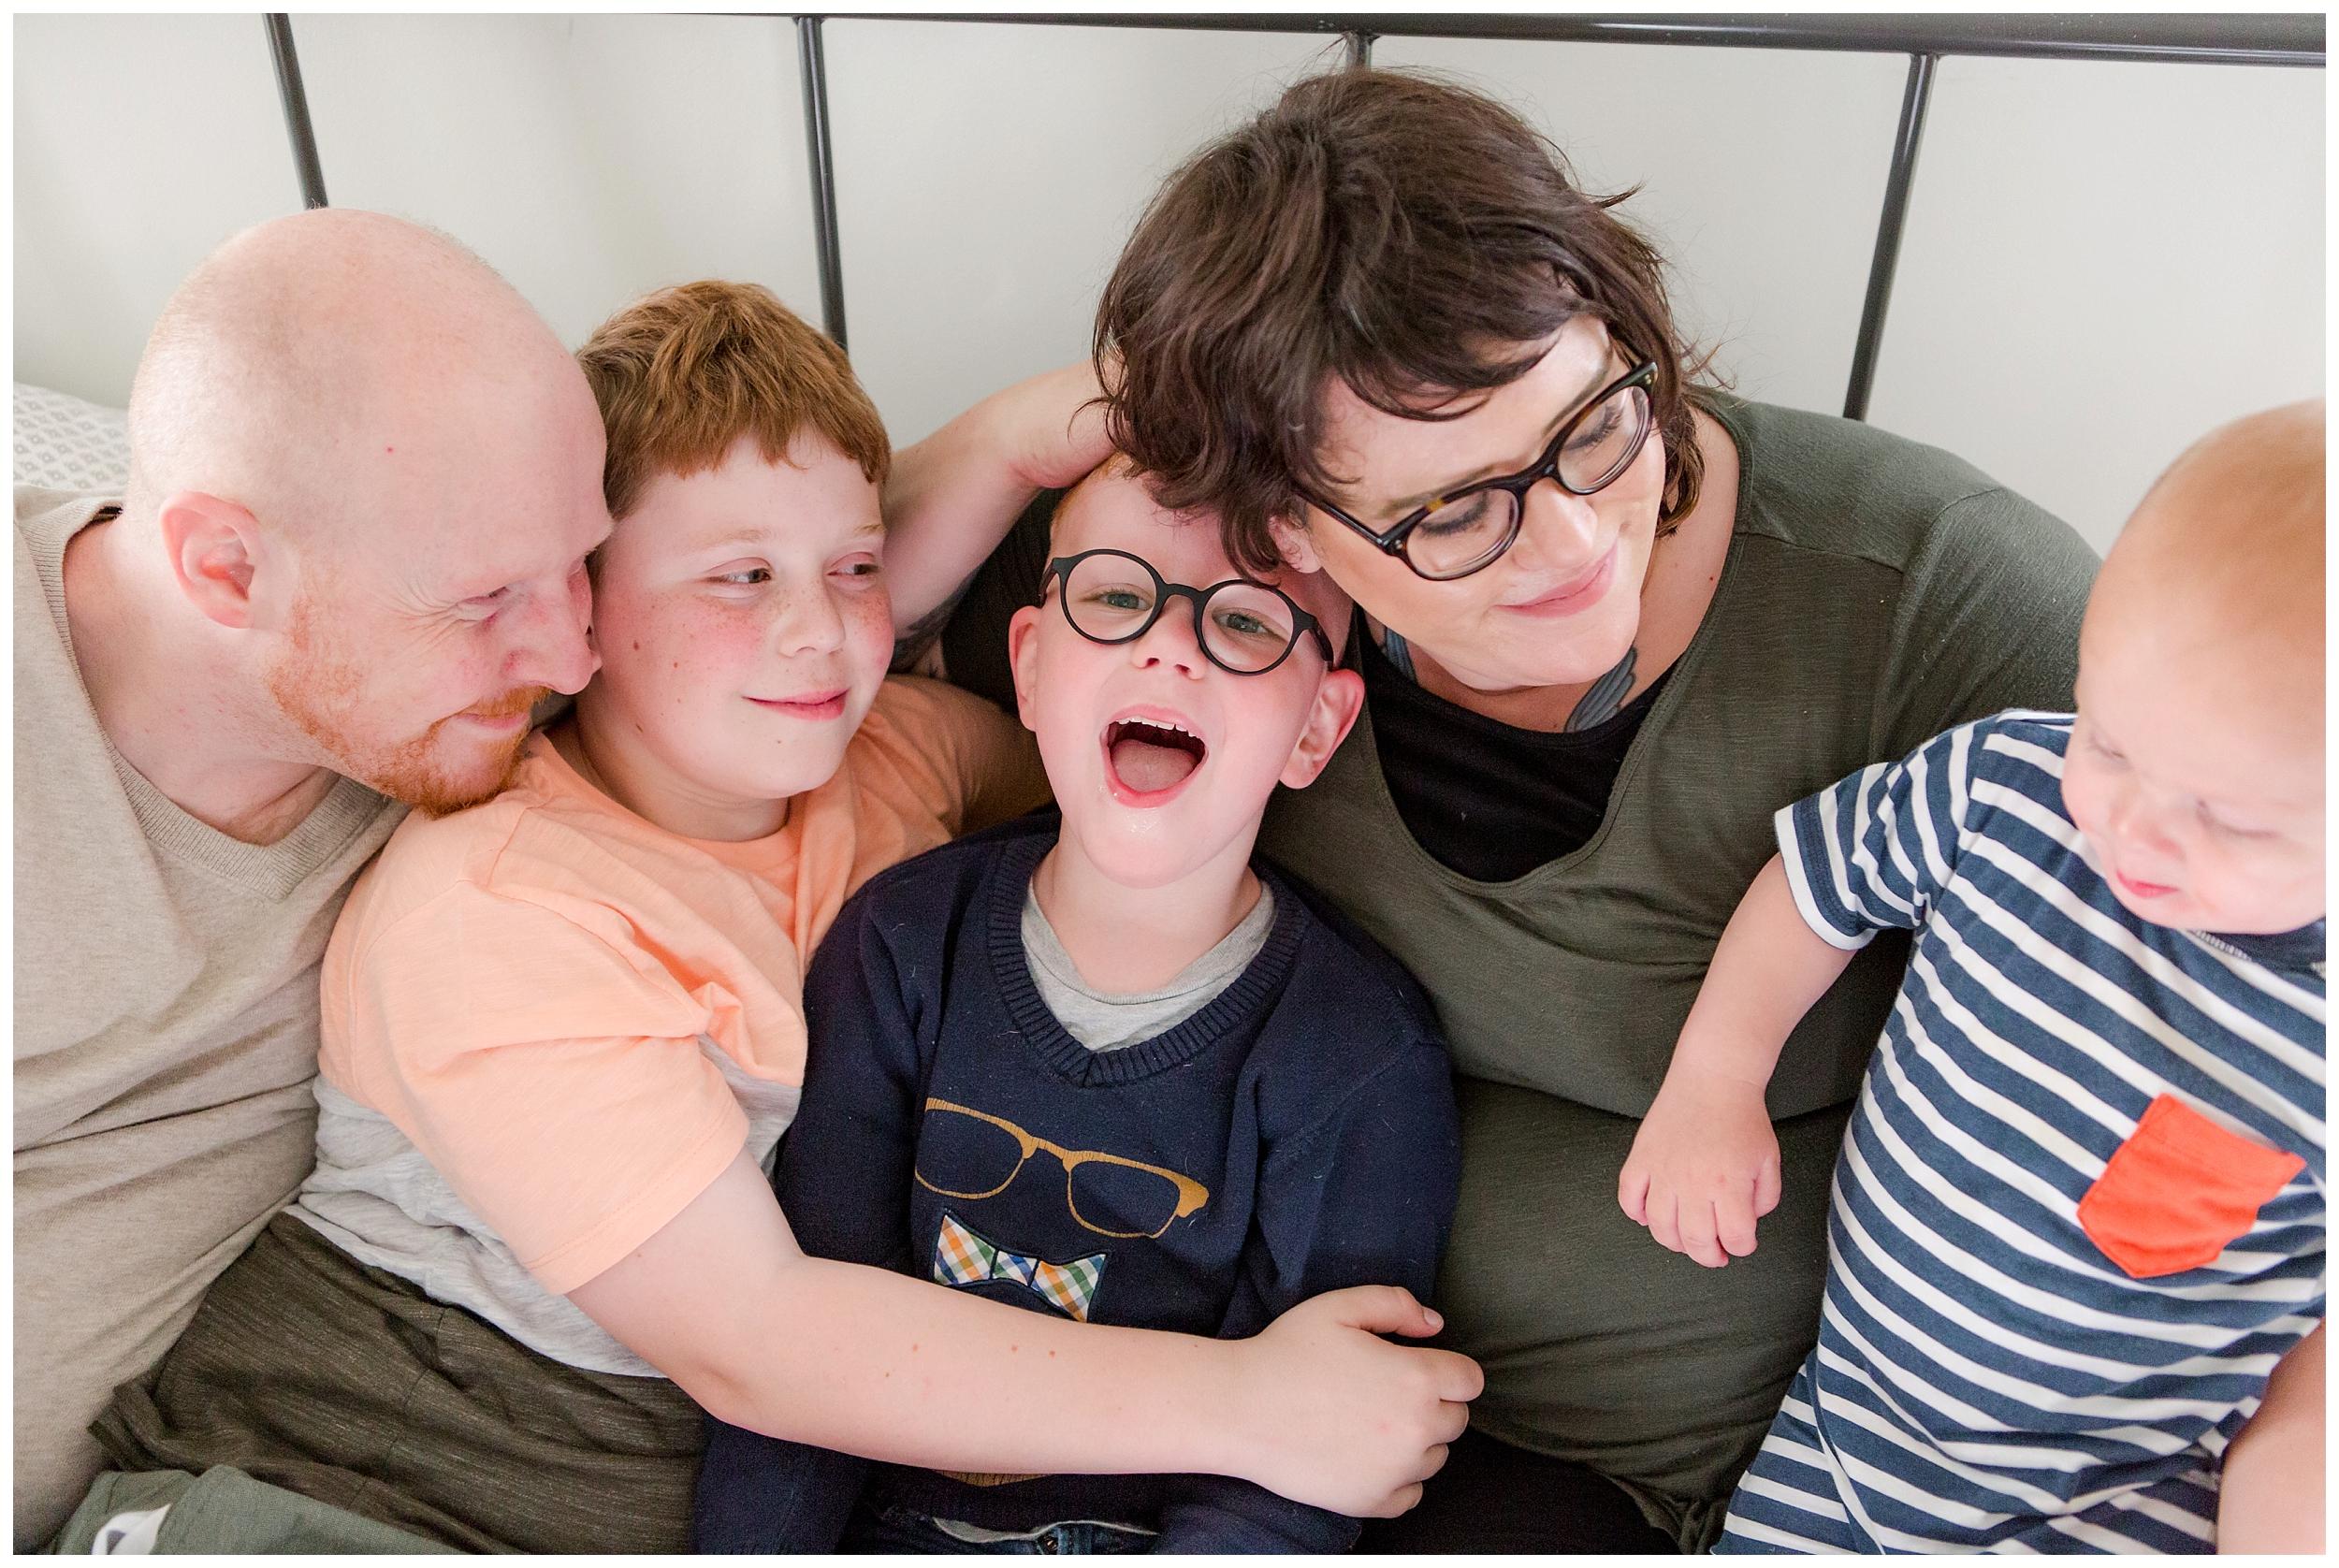 lexington-ky-family-lifestyle-photos-by-priscilla-baierlein_0133.jpg